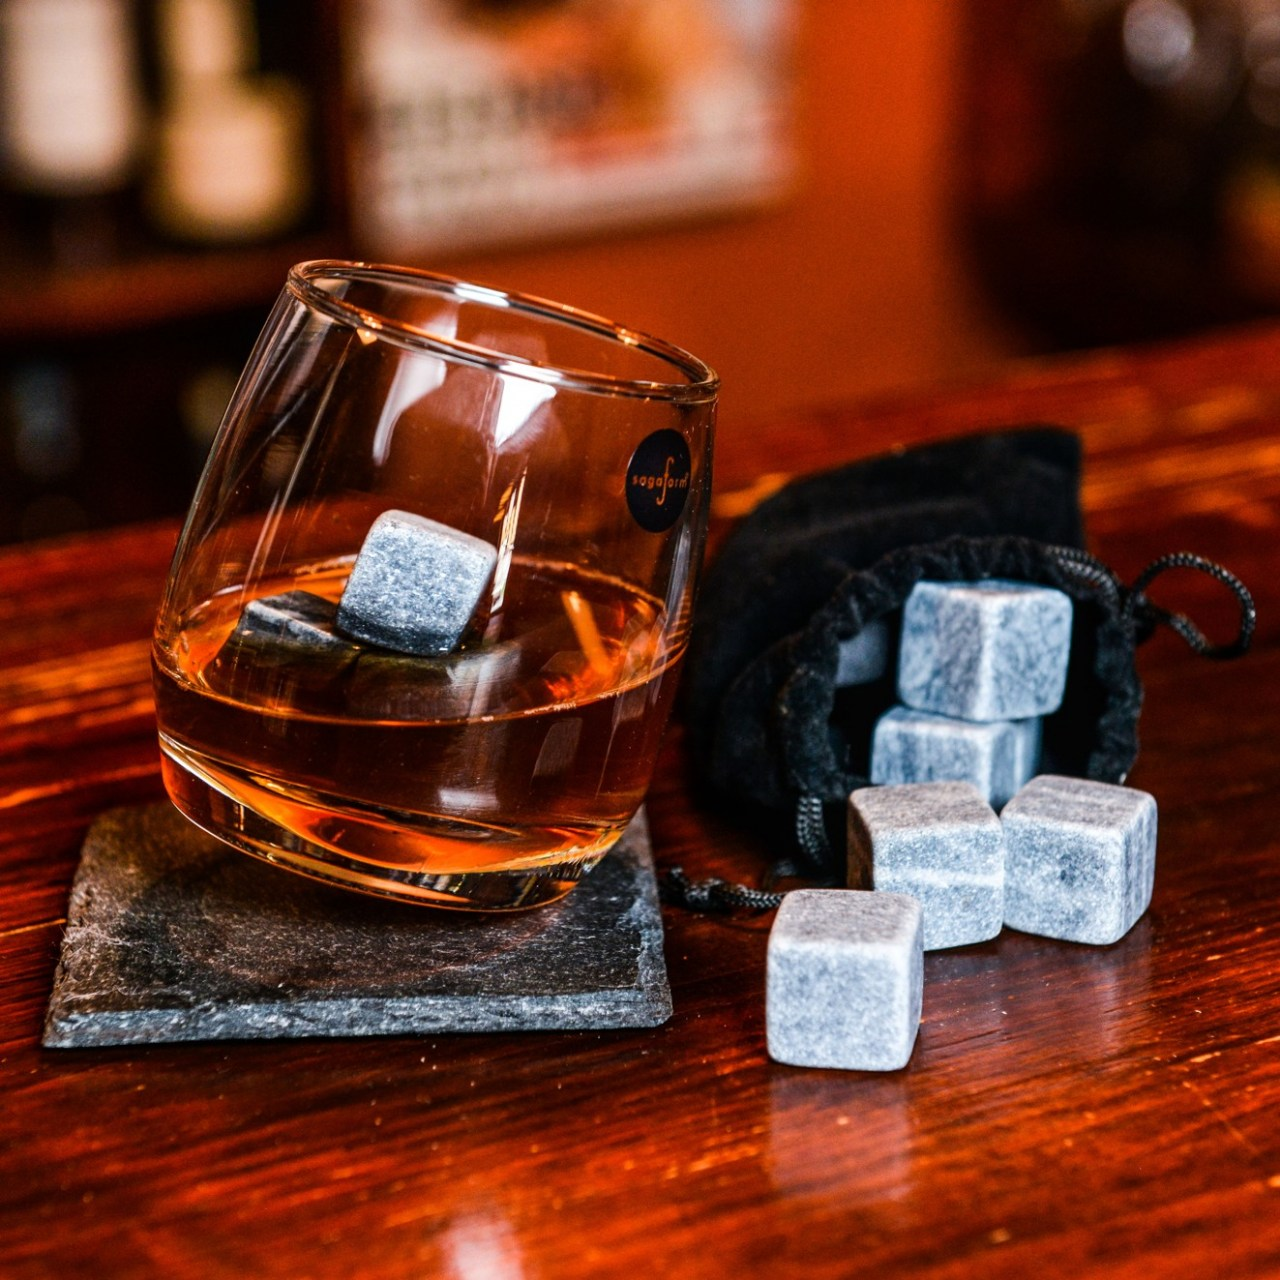 Houpací sklenice a ledové kostky.jpg